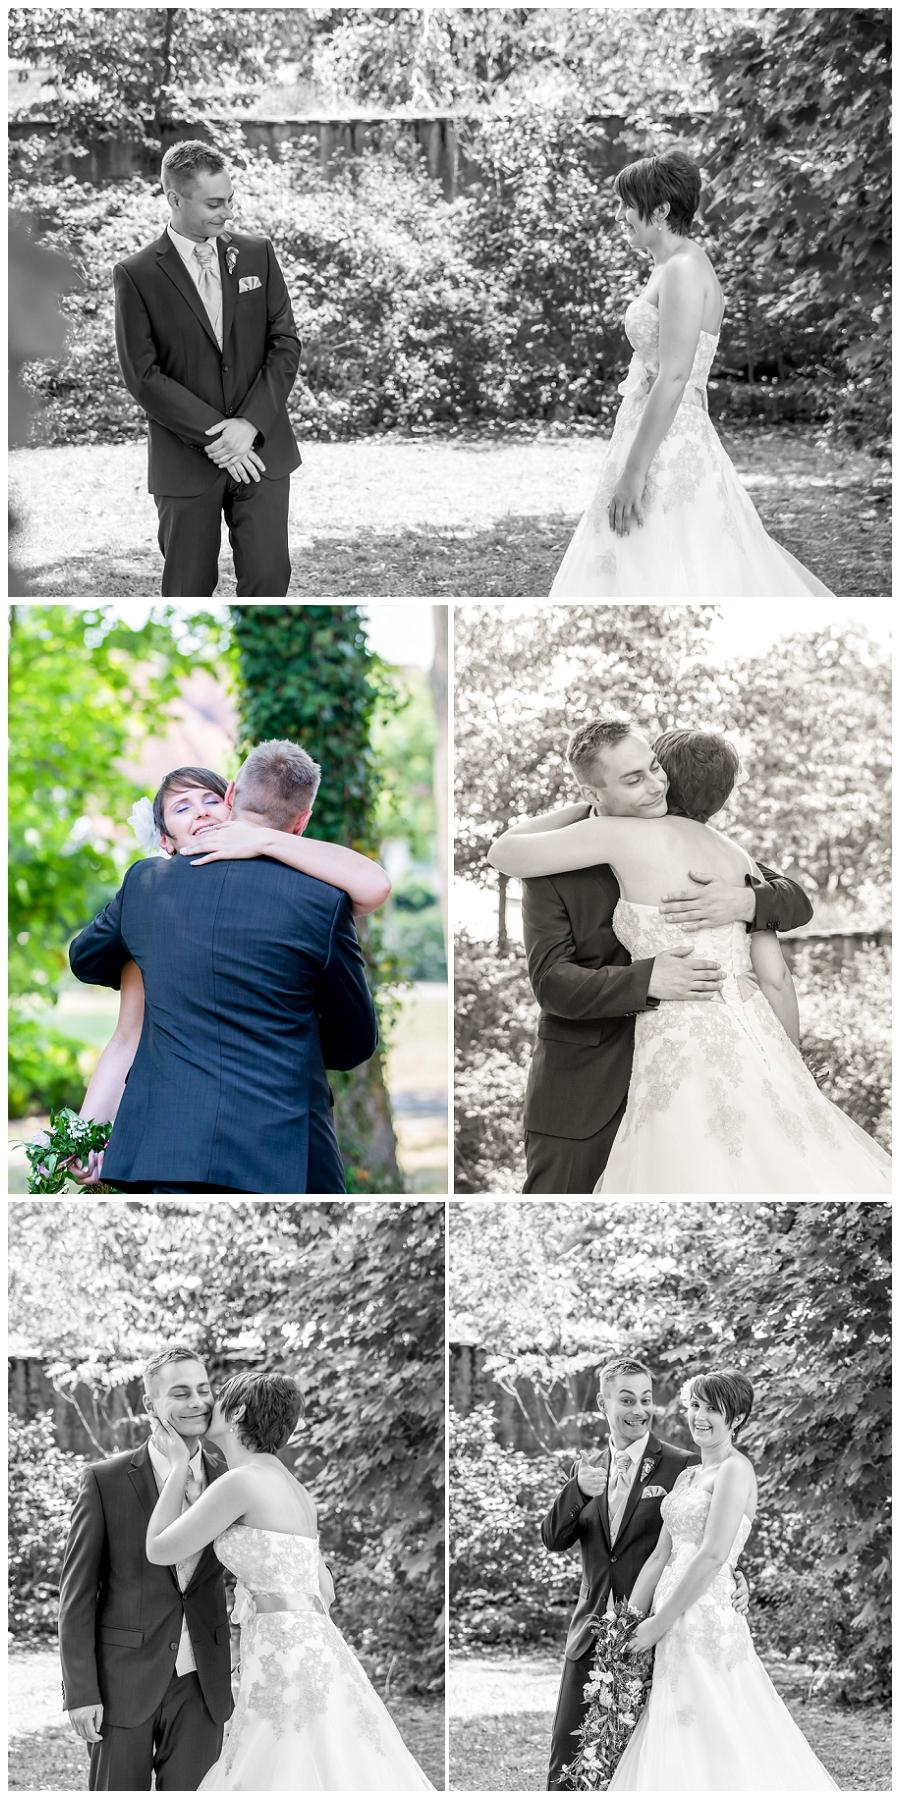 Hochzeitsbilder_GwächshausNuernberg_Bamberg_FreiTrauung_0017